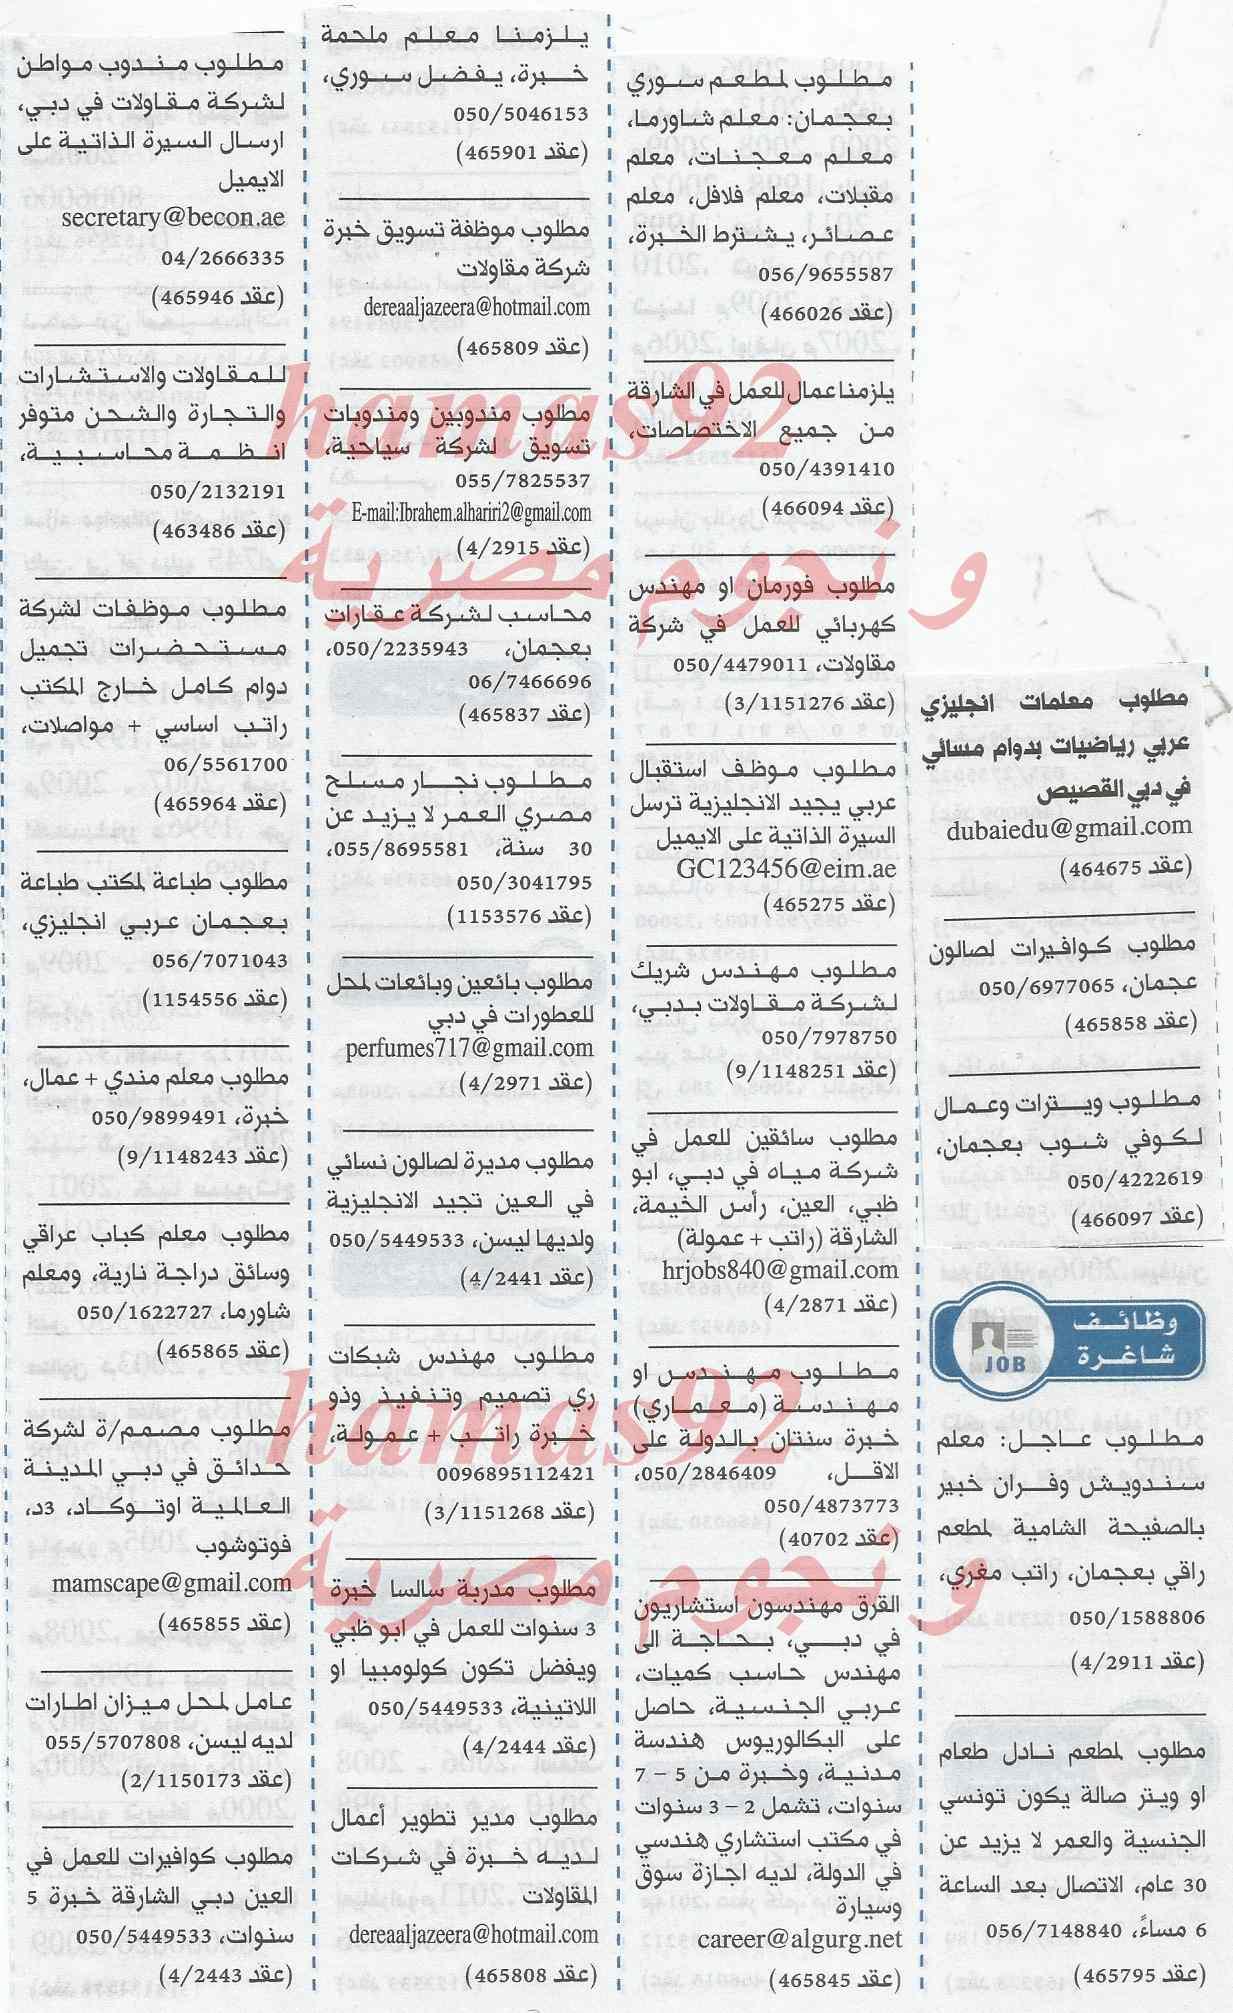 اعلانات و فرص عمل و وظائف جريدة الخليج الامارات الاربعاء 19-02-2014